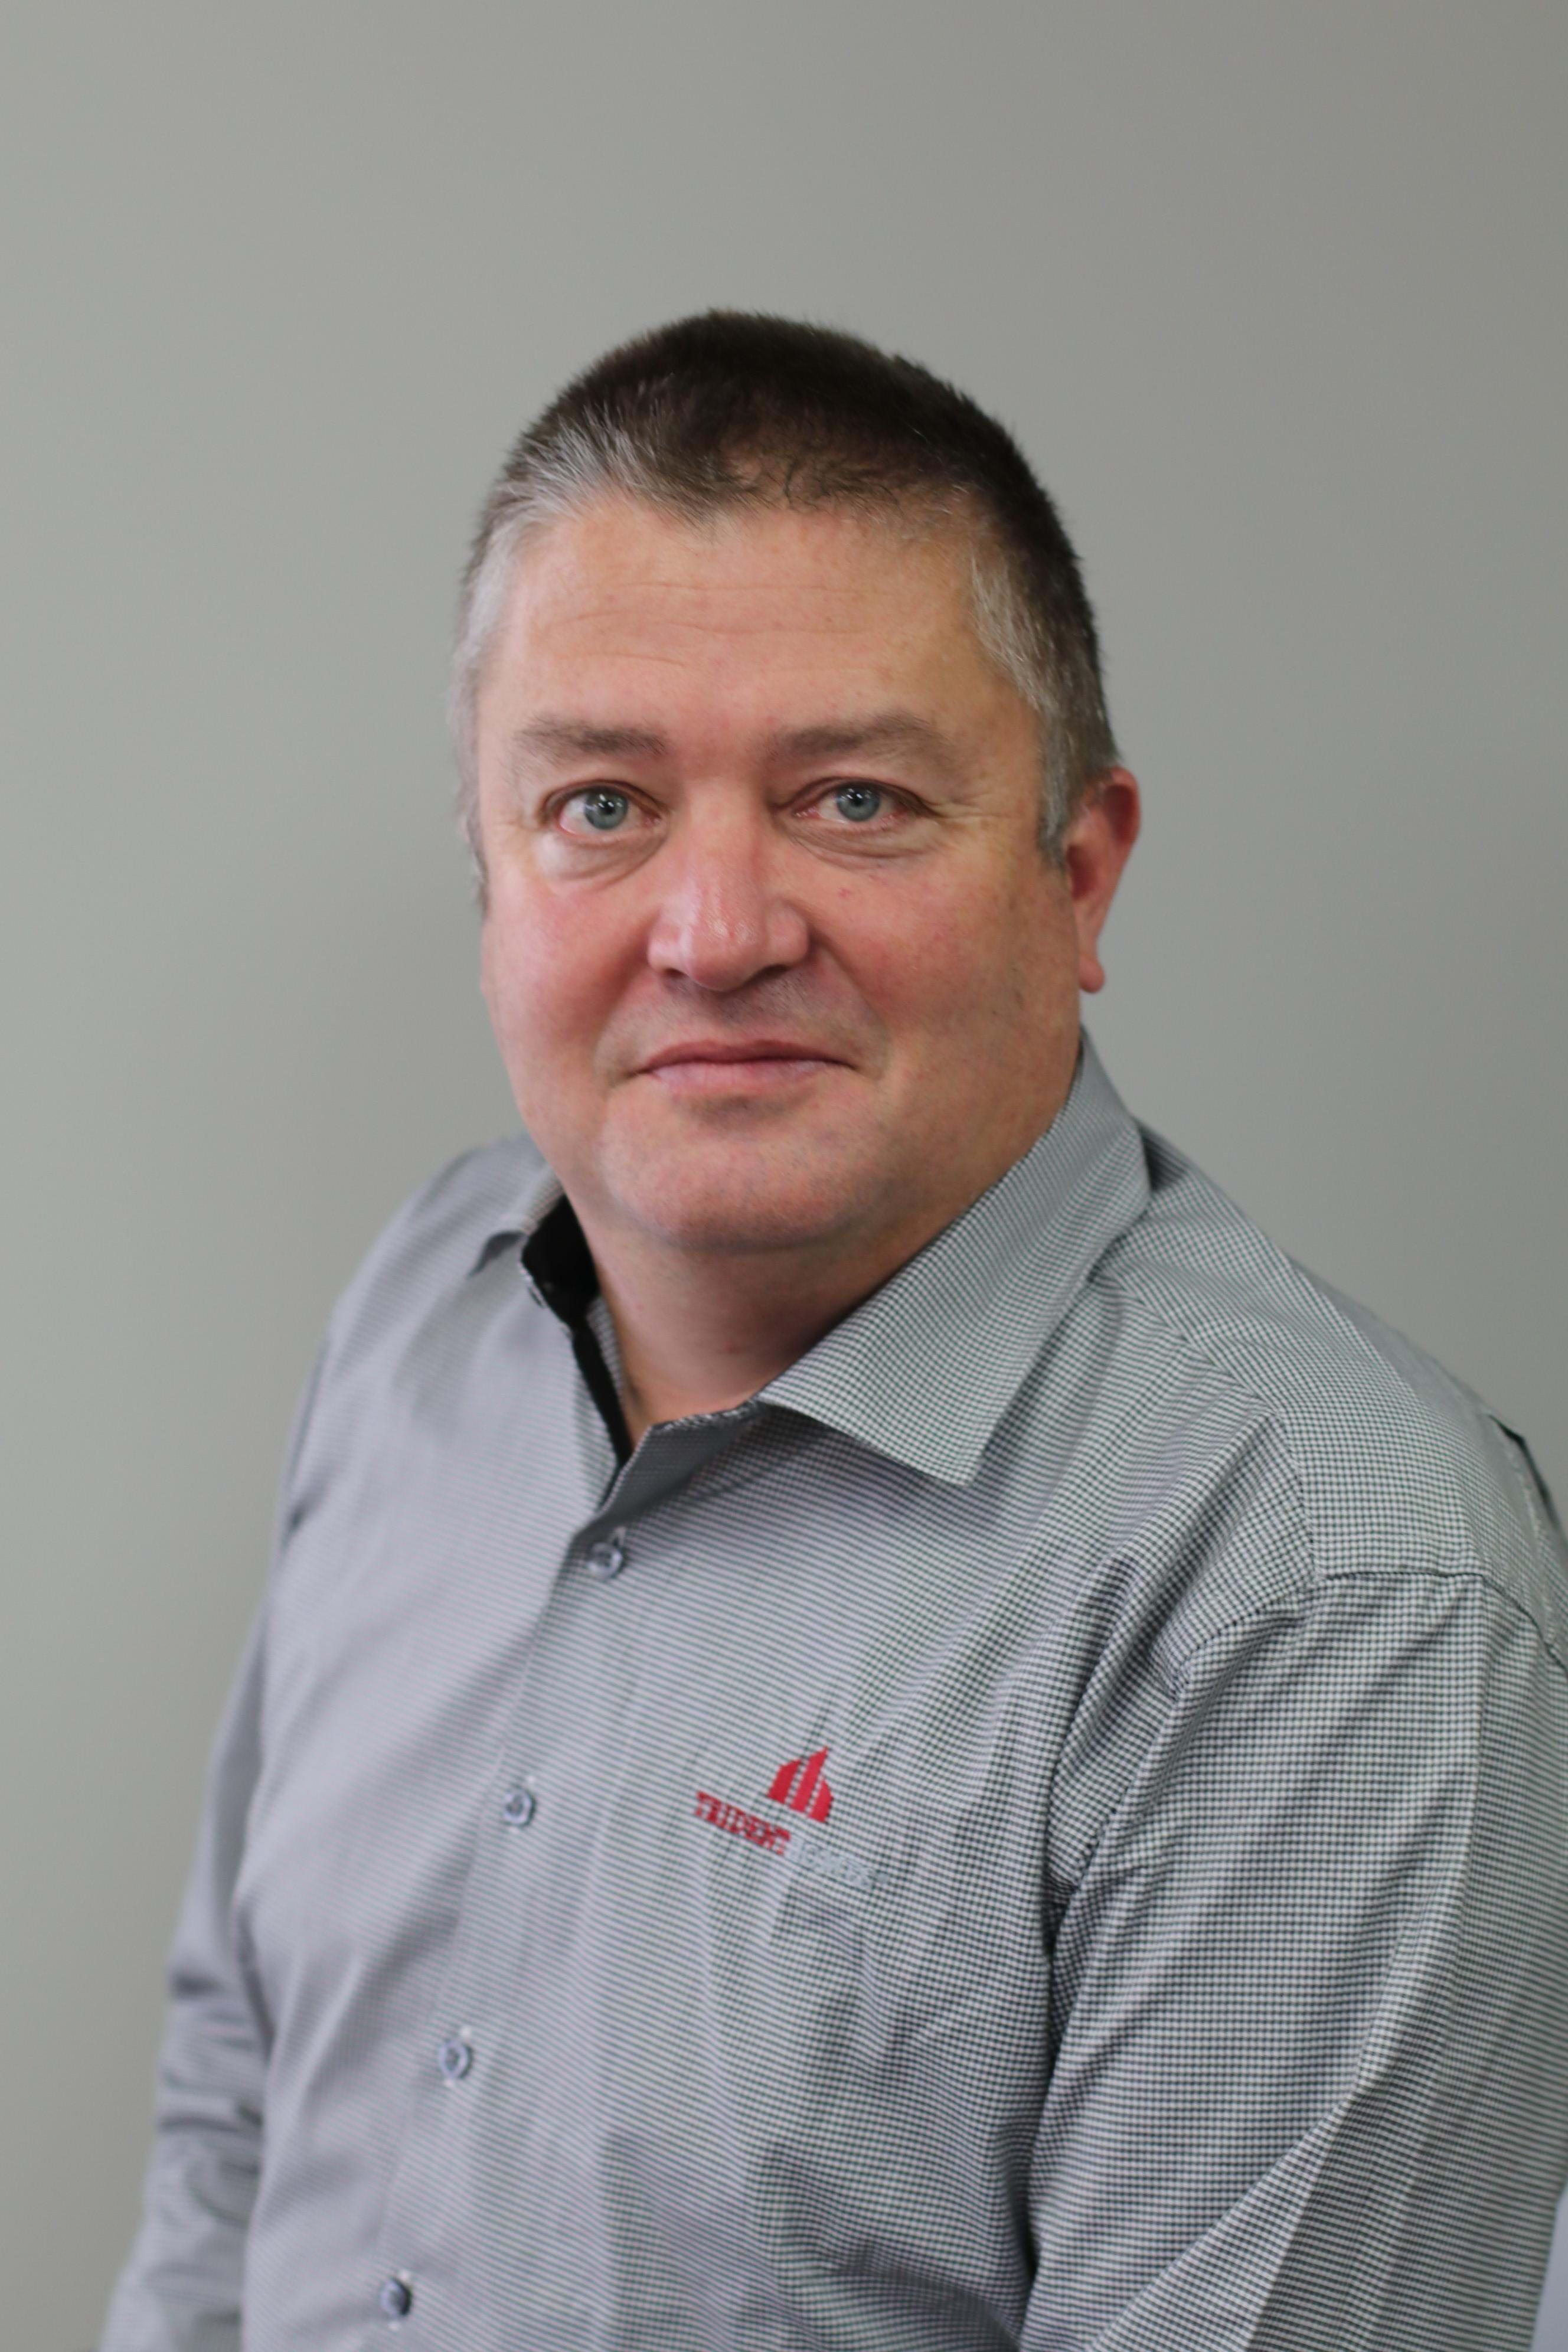 Richard McKeown